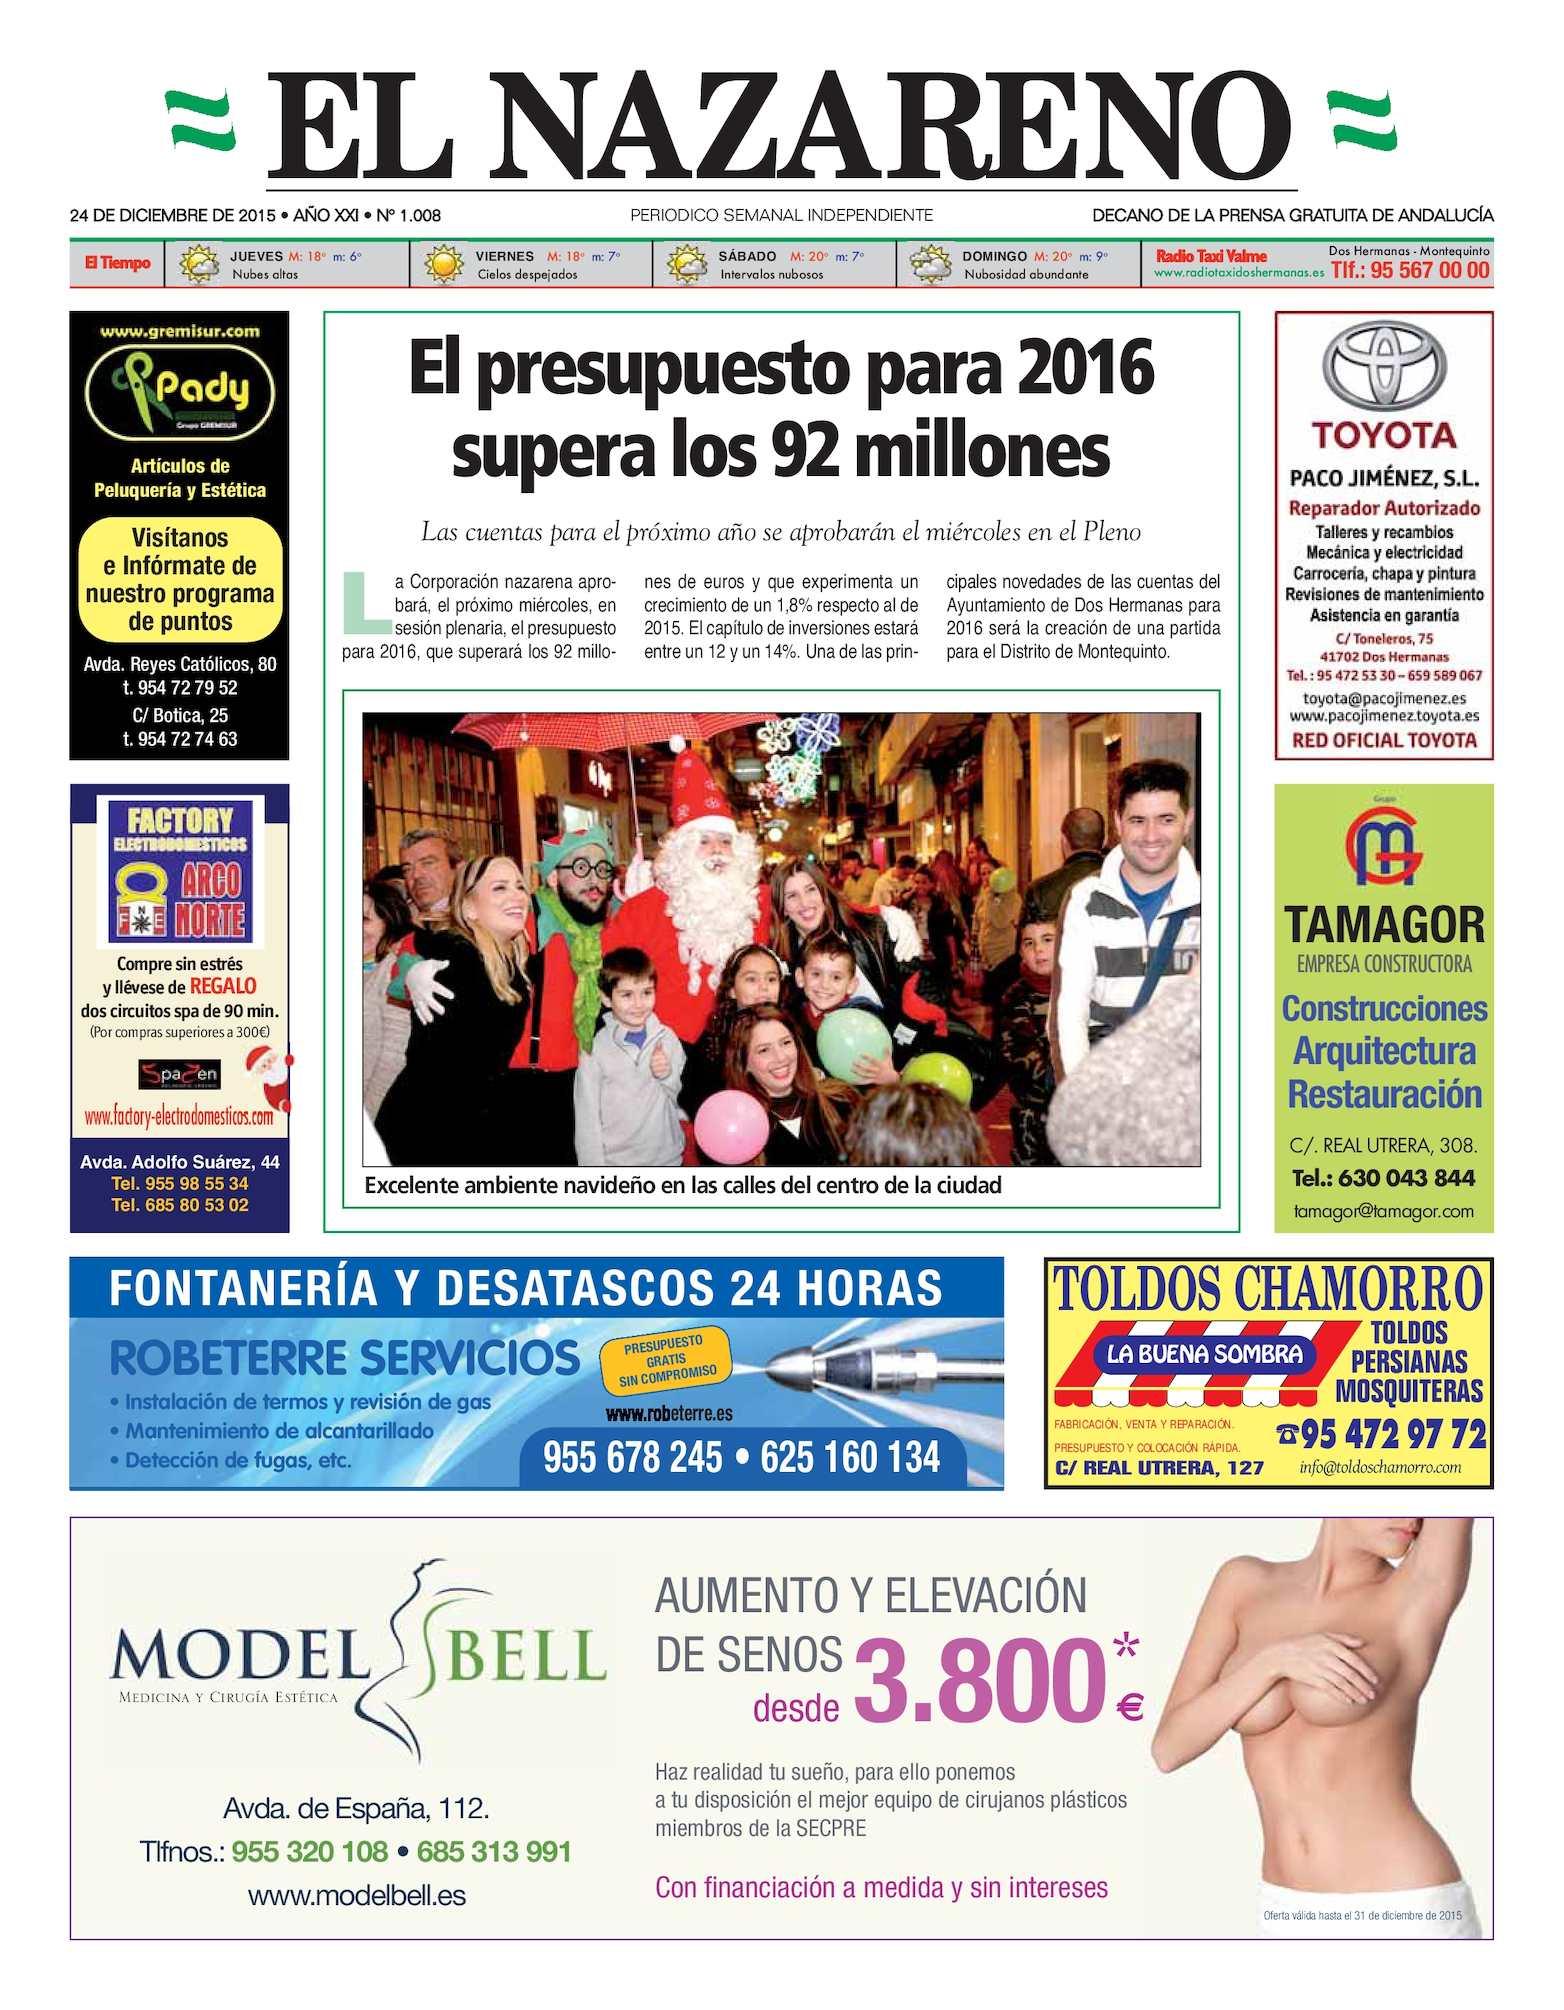 Calaméo - Periódico El Nazareno De Dos Hermanas Nº 1008